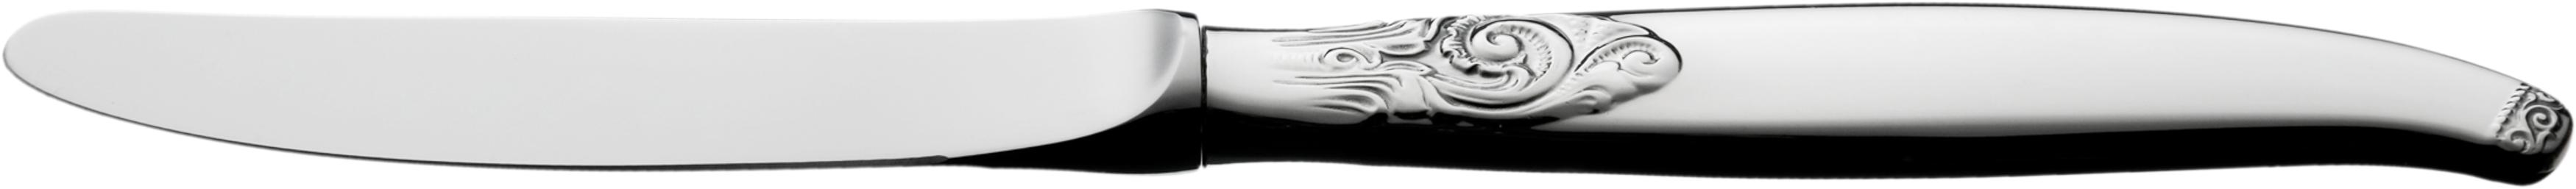 Dessertkniv, Tele sølvbestikk